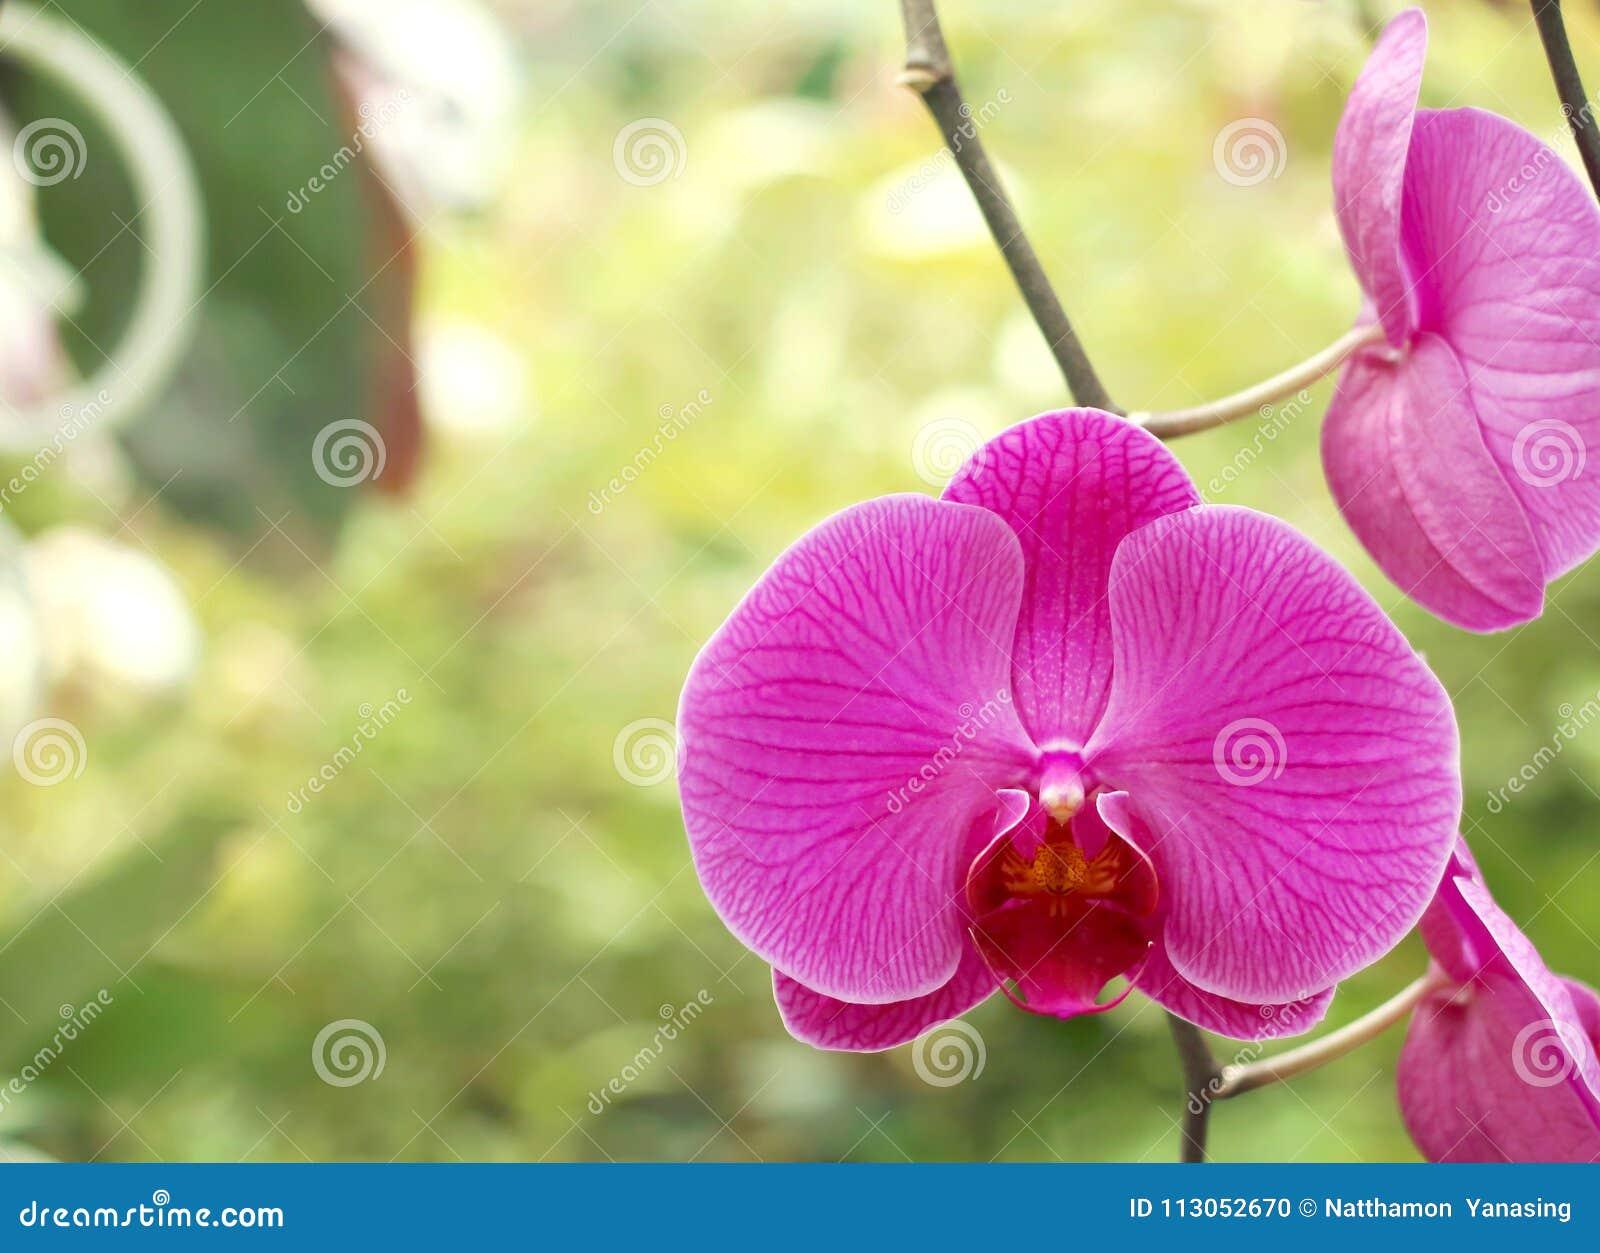 Orchidee illuminazione artificiale: di quanta luce hanno bisogno le